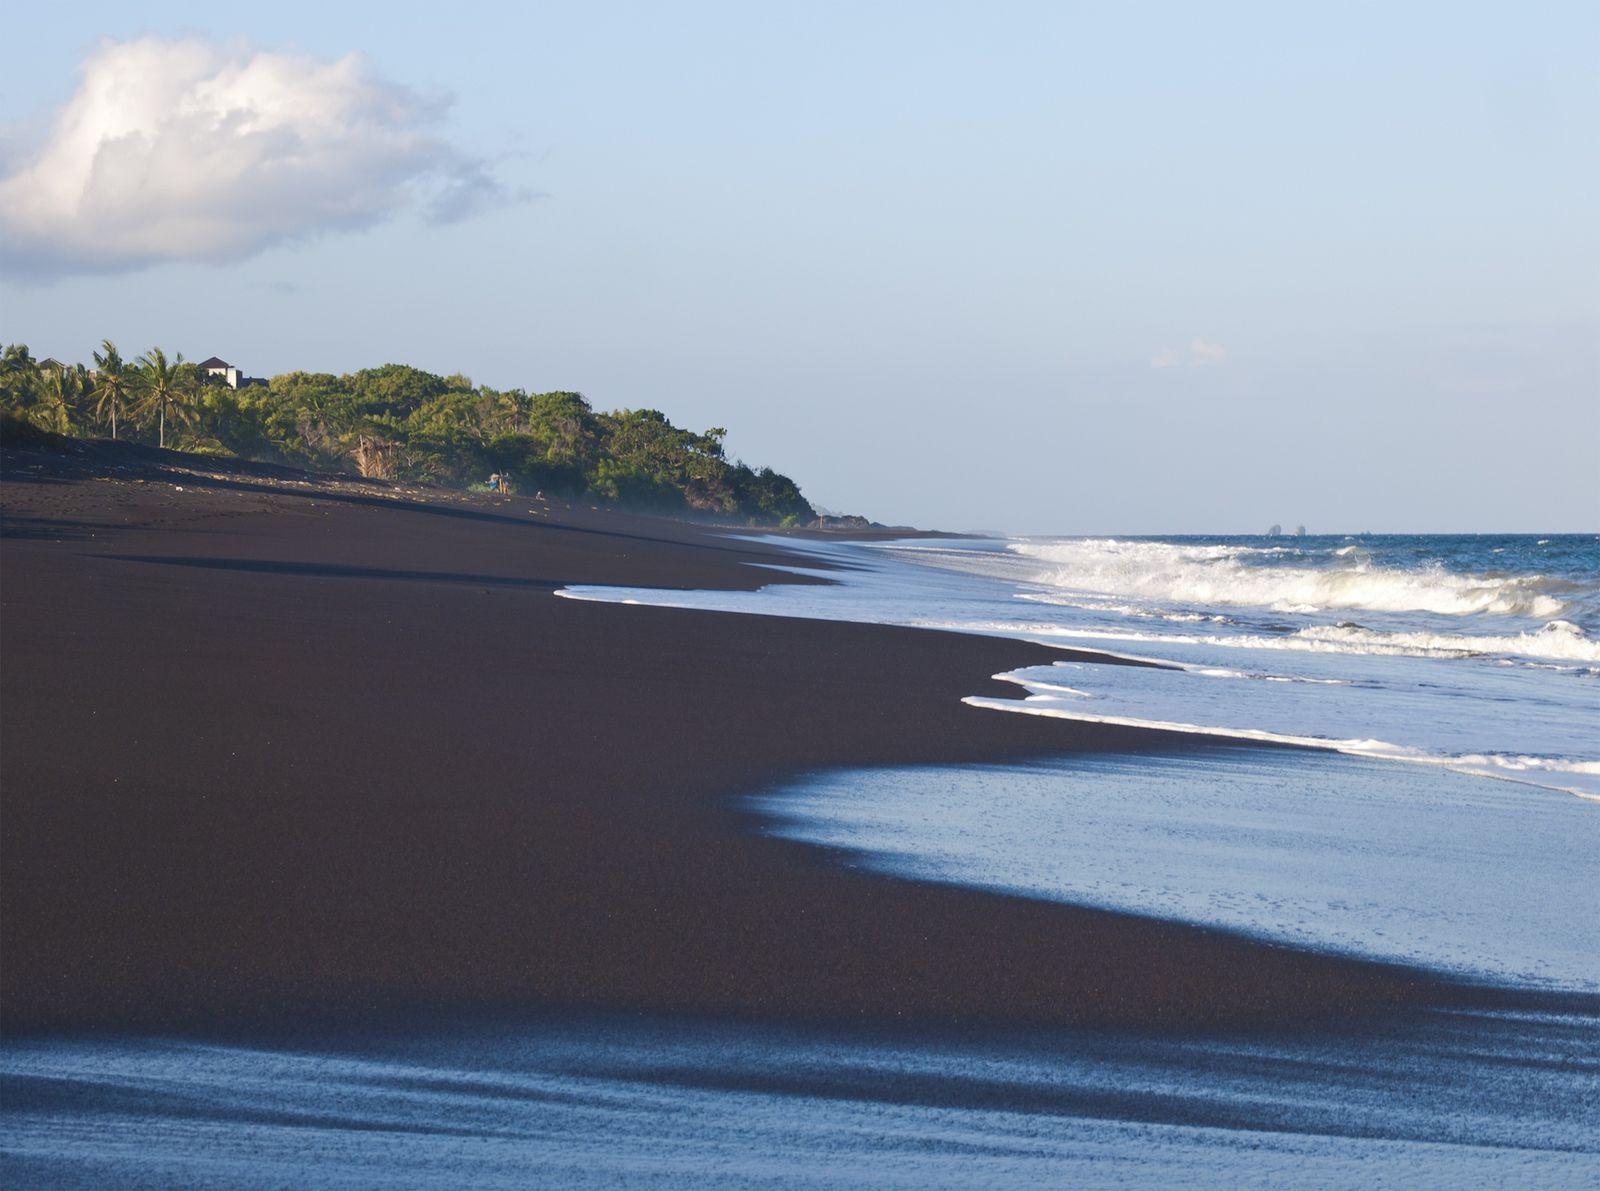 Playa Negra de Tenerife